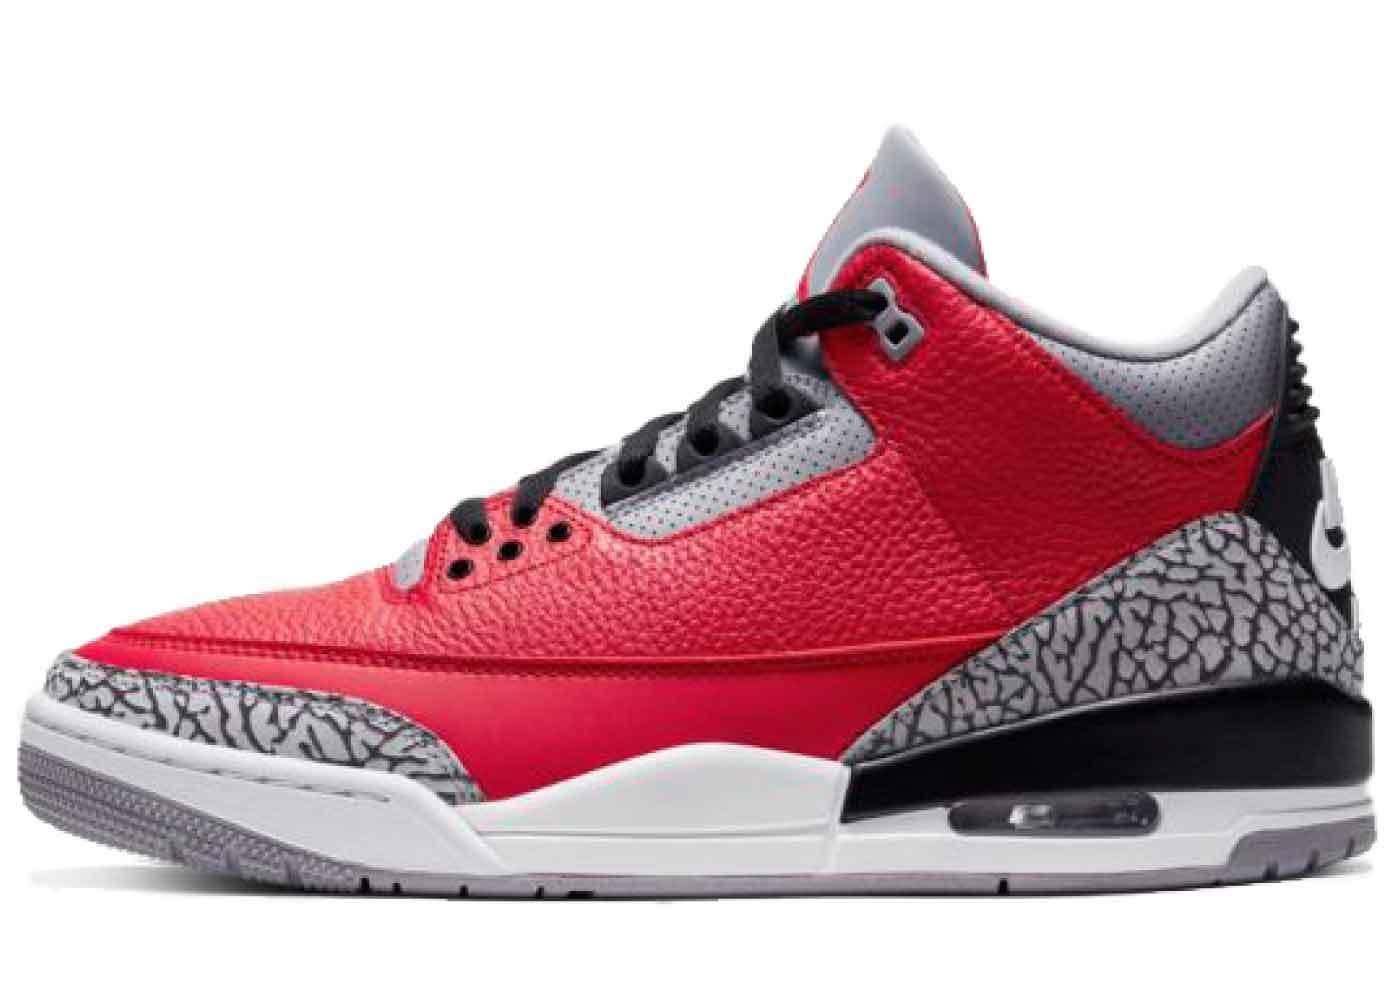 Nike Air Jordan 3 Retro Red Cementの写真